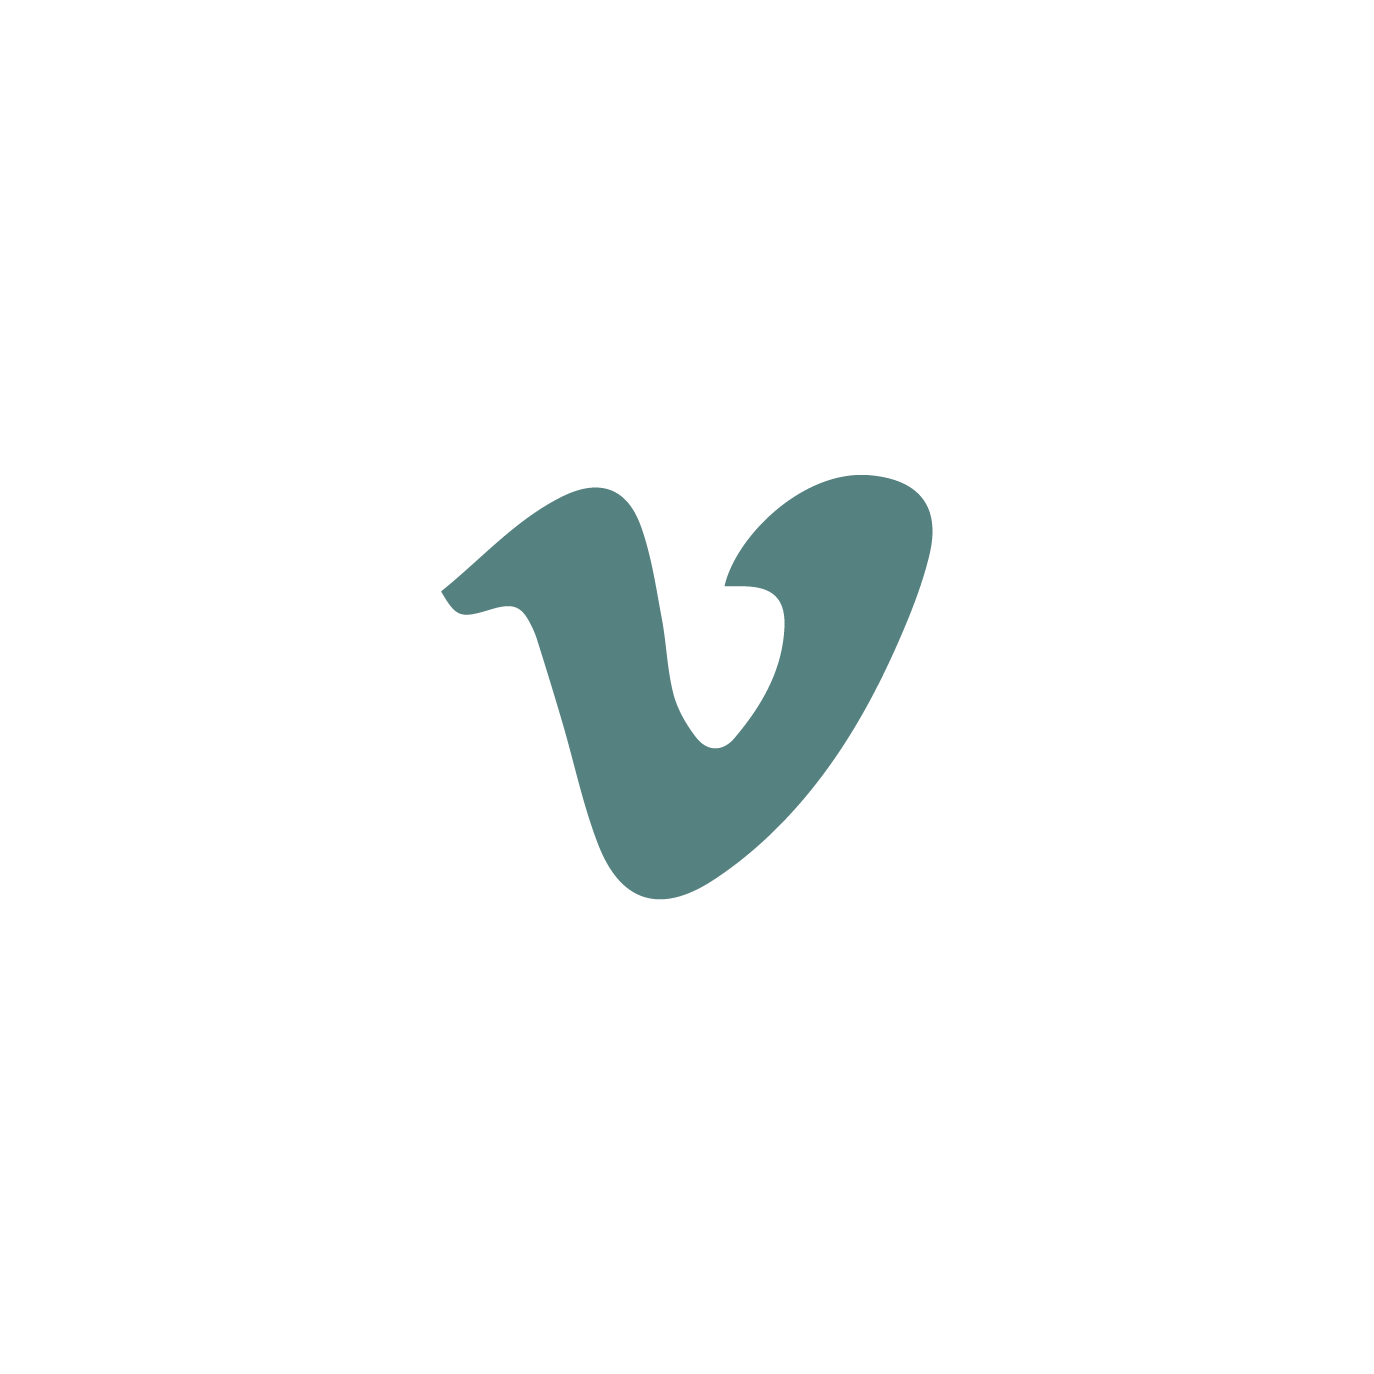 Copy of VIMEO